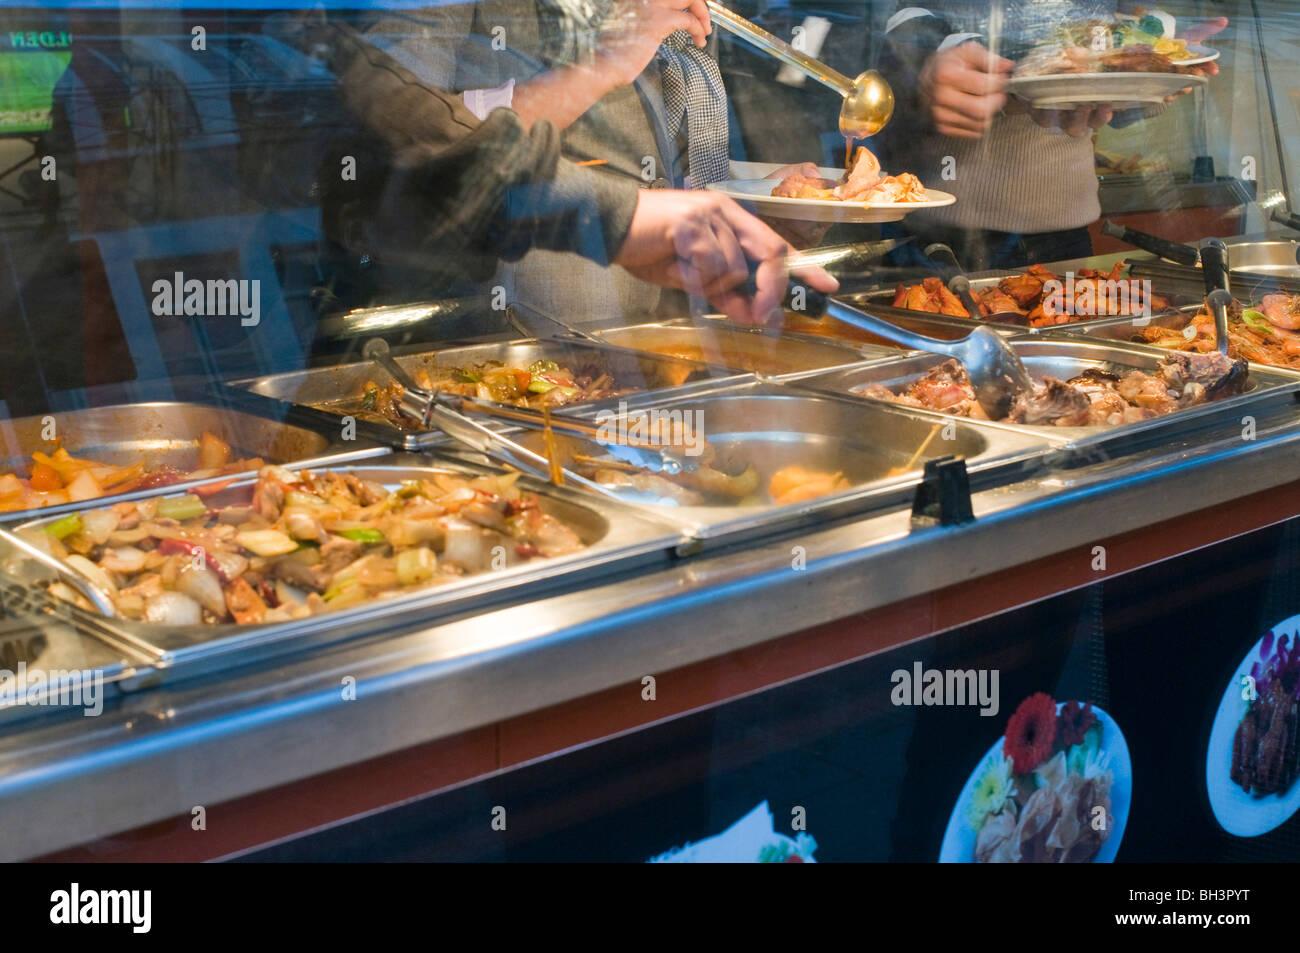 Groovy Vereinigtes Konigreich Chinesisches Buffet Restaurant In Download Free Architecture Designs Jebrpmadebymaigaardcom